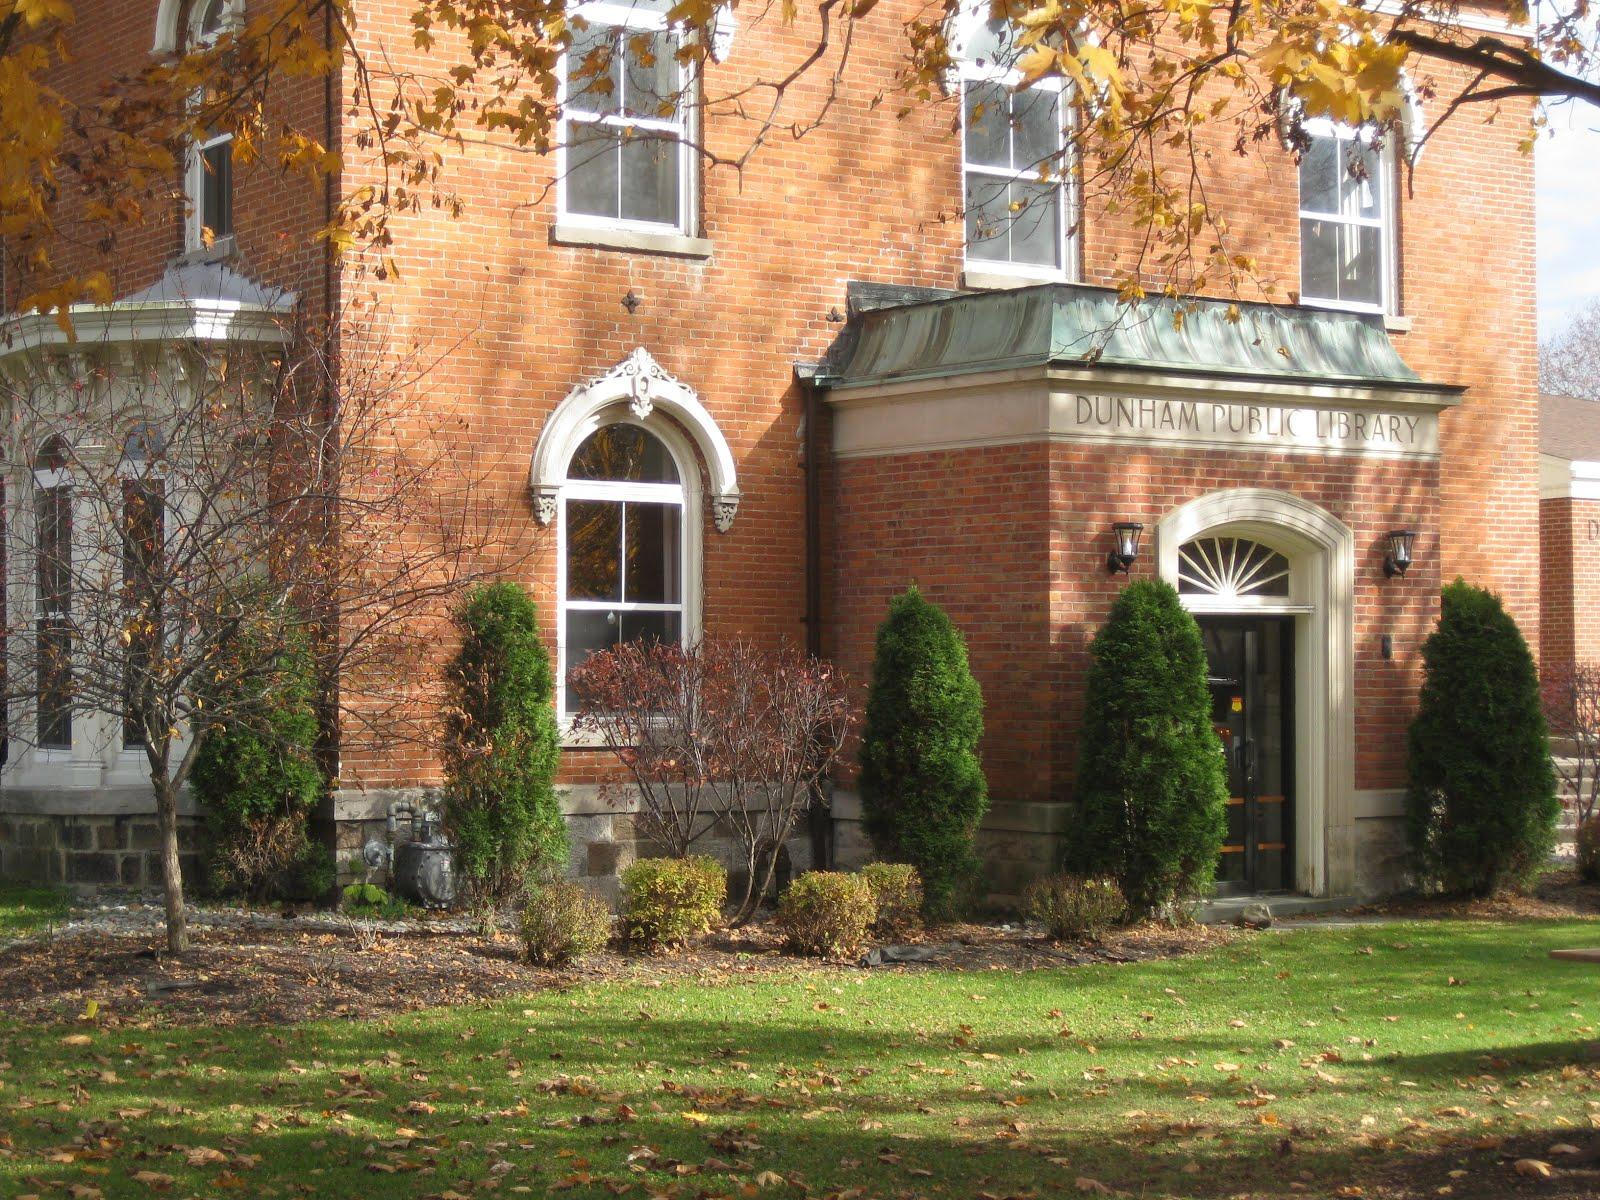 Dunham Public Library